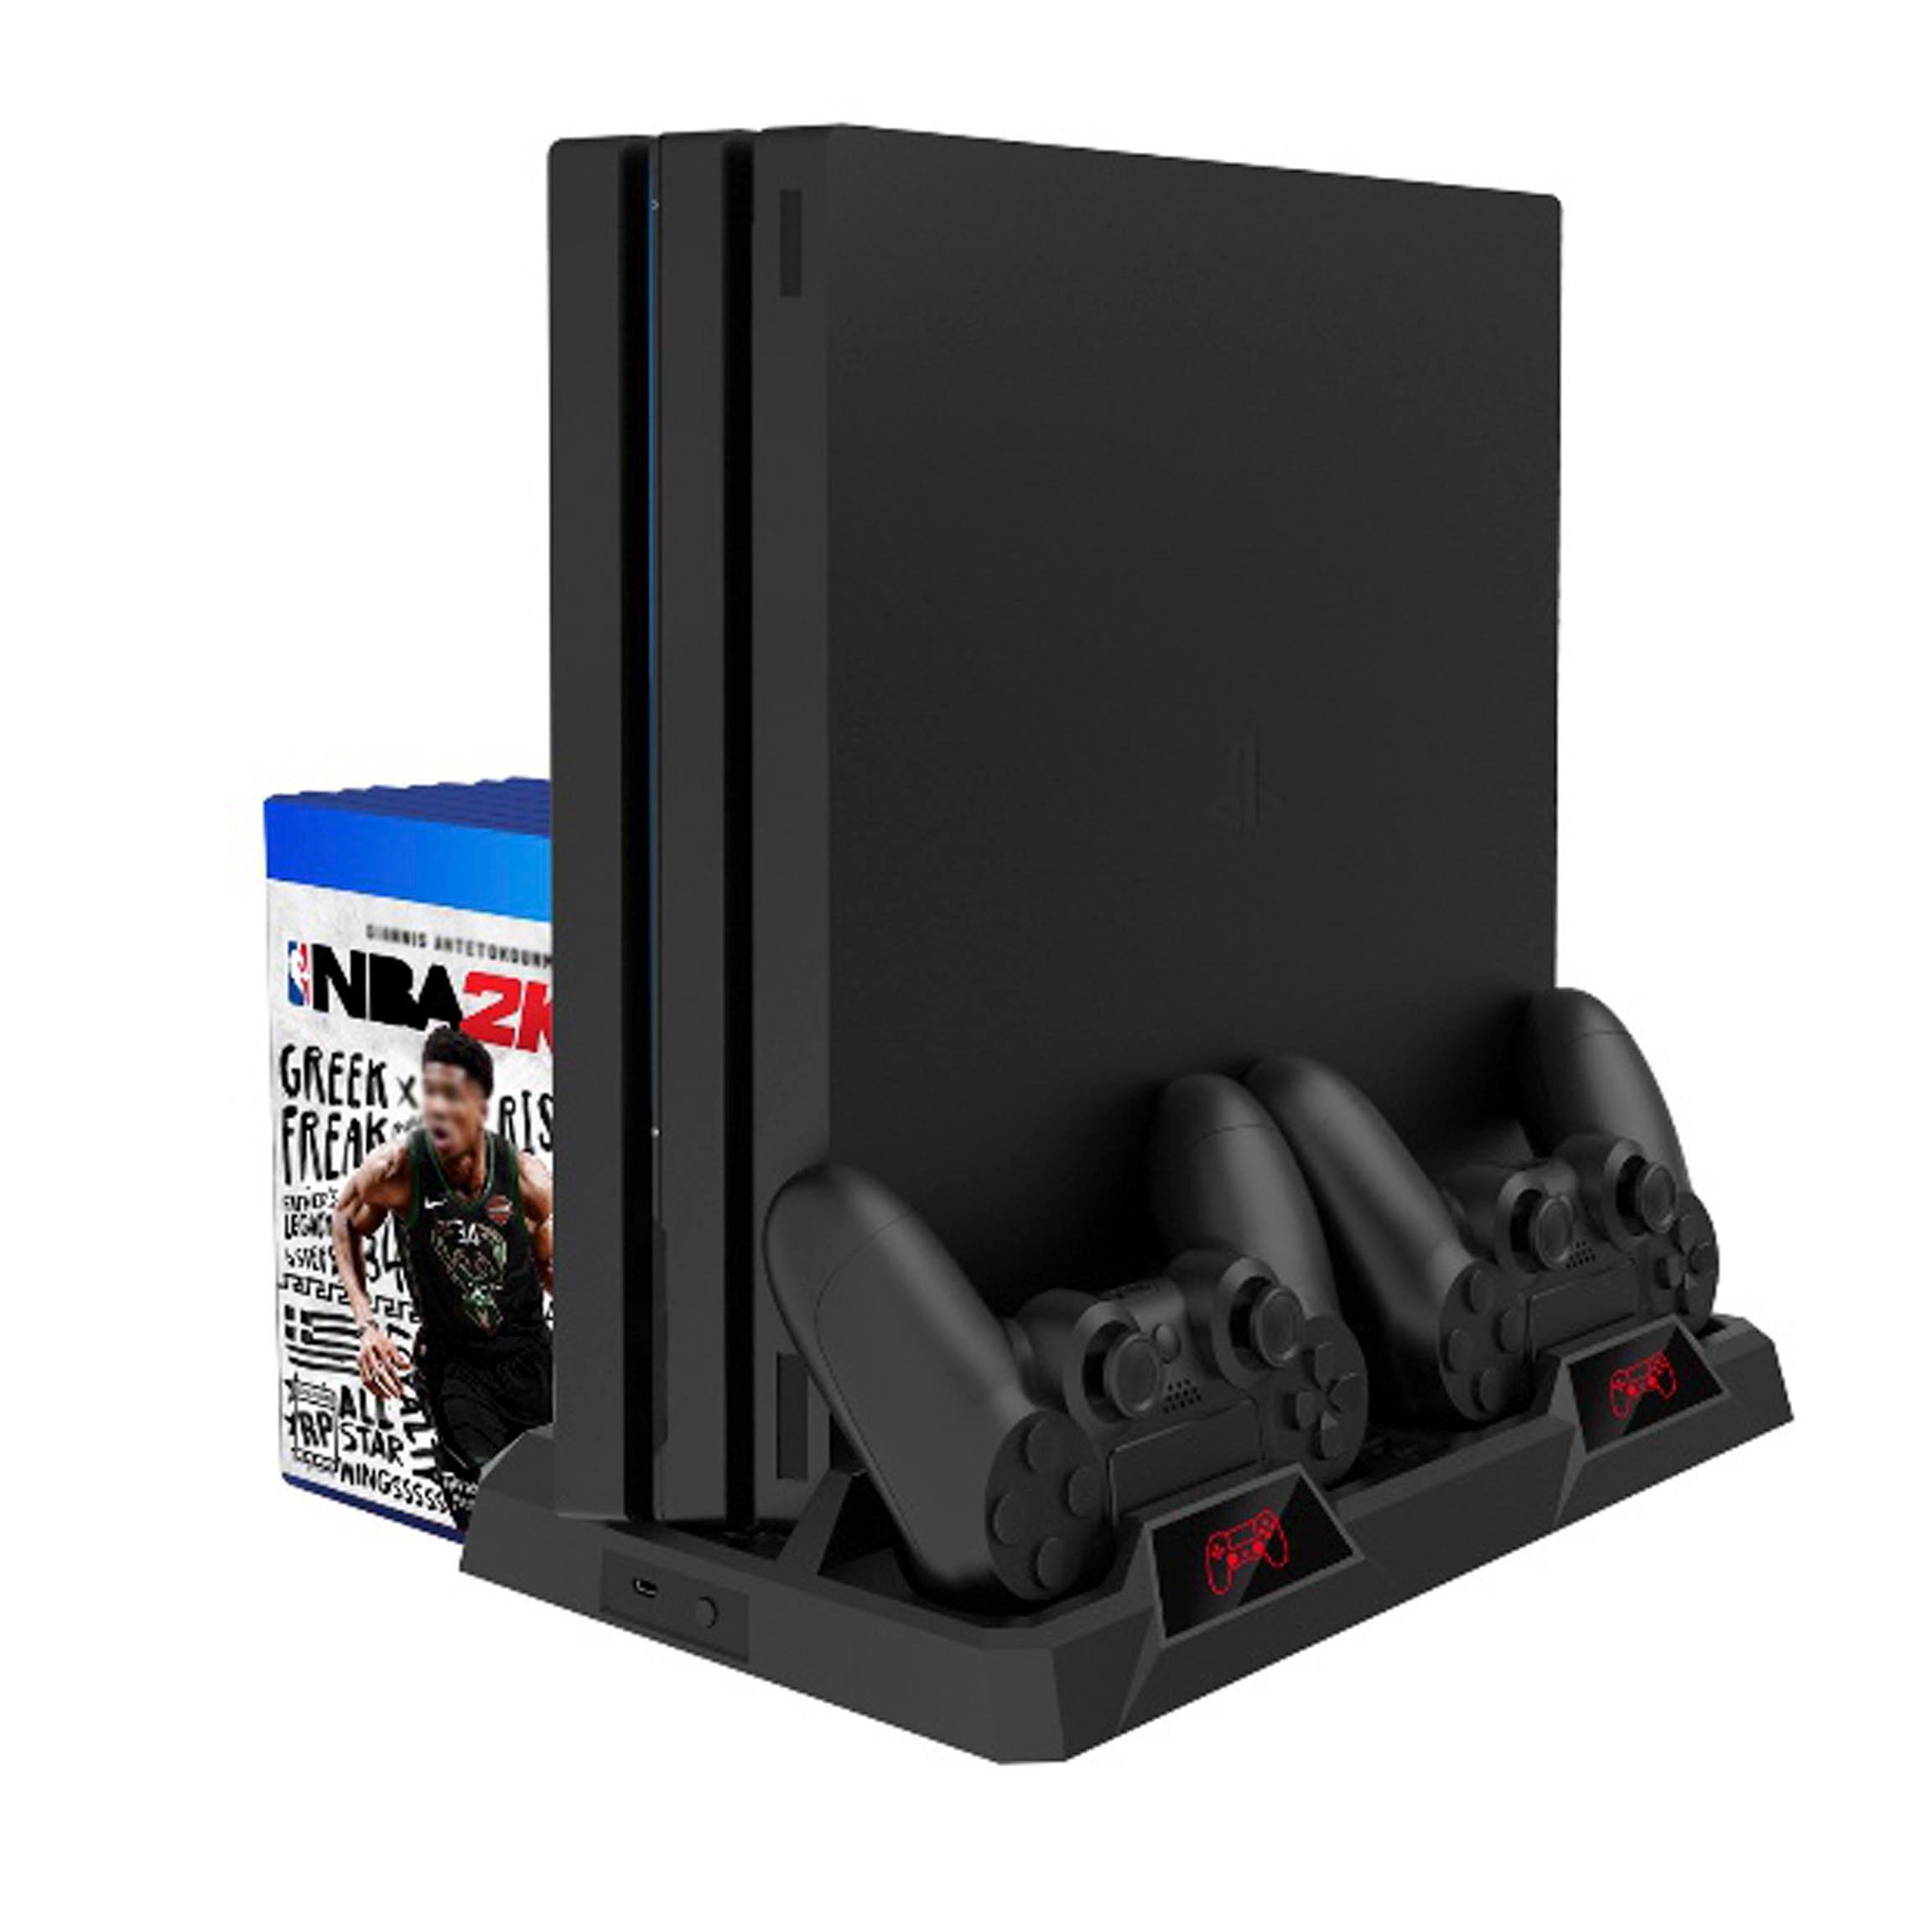 P4 series PS4 무선도킹 쿨링 듀얼쇼크 충전스탠드 플스4 프로 슬림 전기종 호환, 1개, FP4-18119 충전 스탠드 거치대